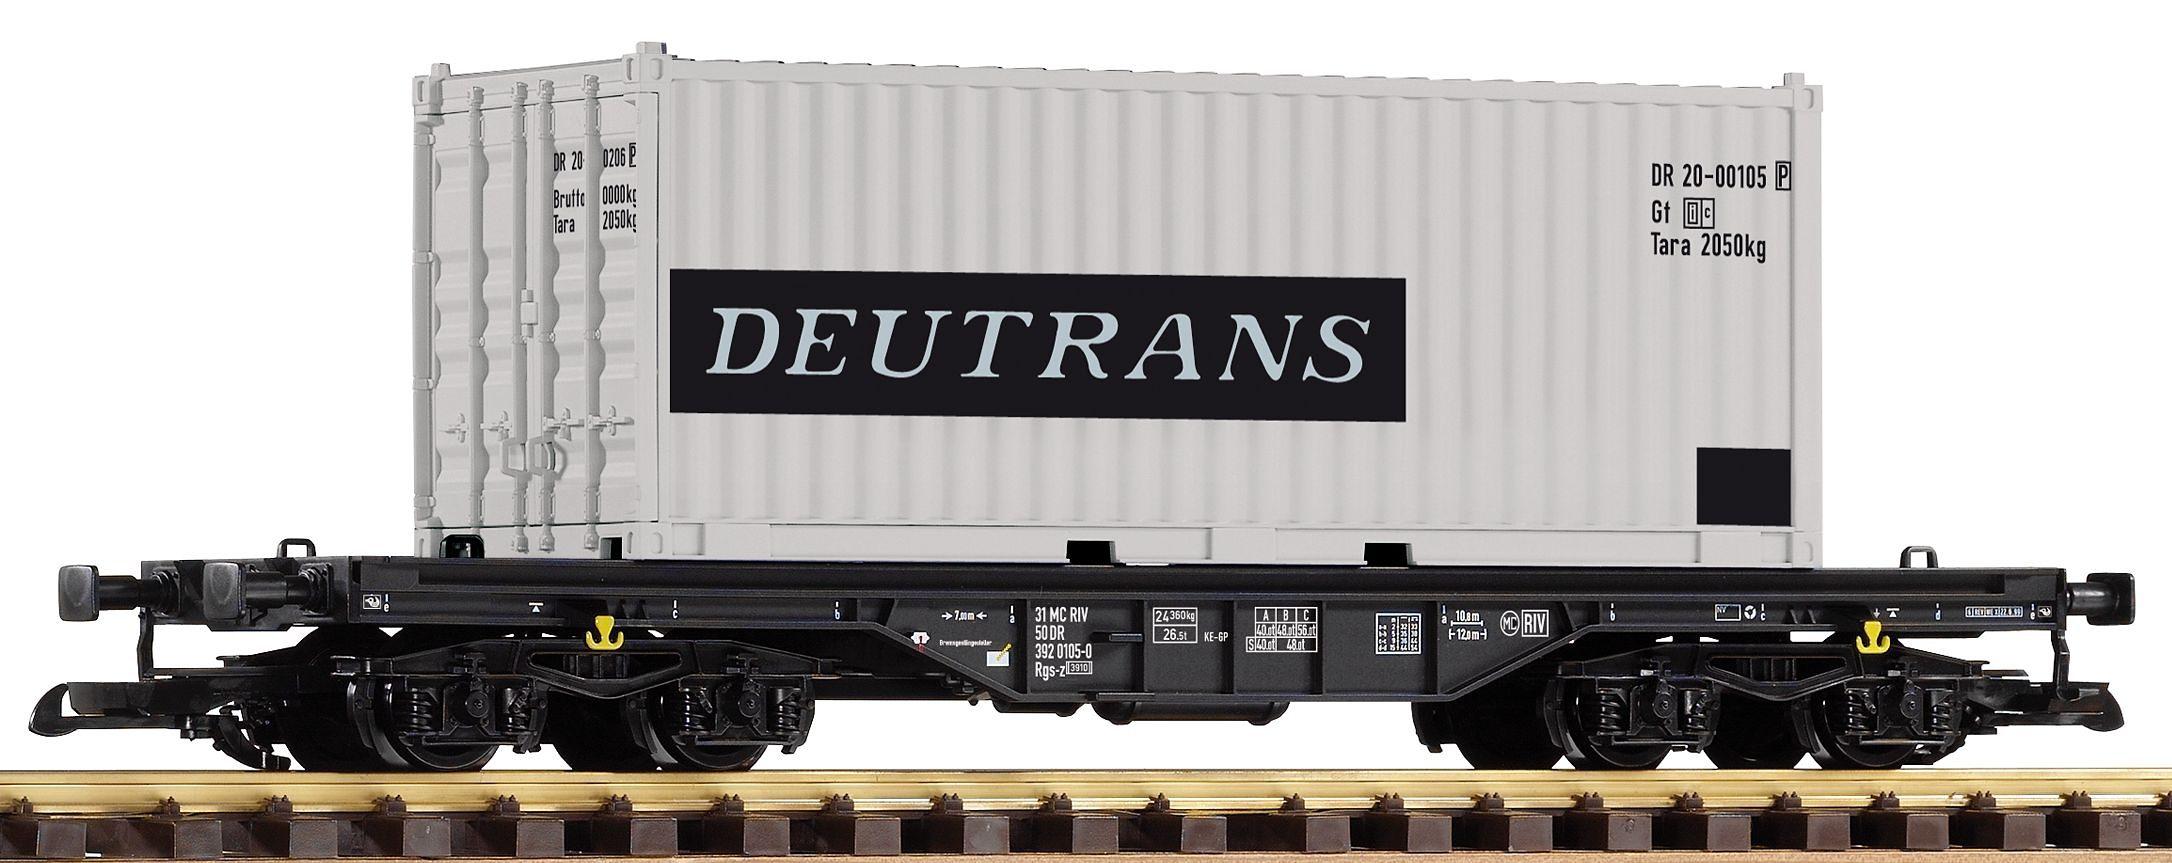 PIKO Güterwagen, Spur G, »Flachwagen mit Container Deutrans, DR - Gleichstrom«